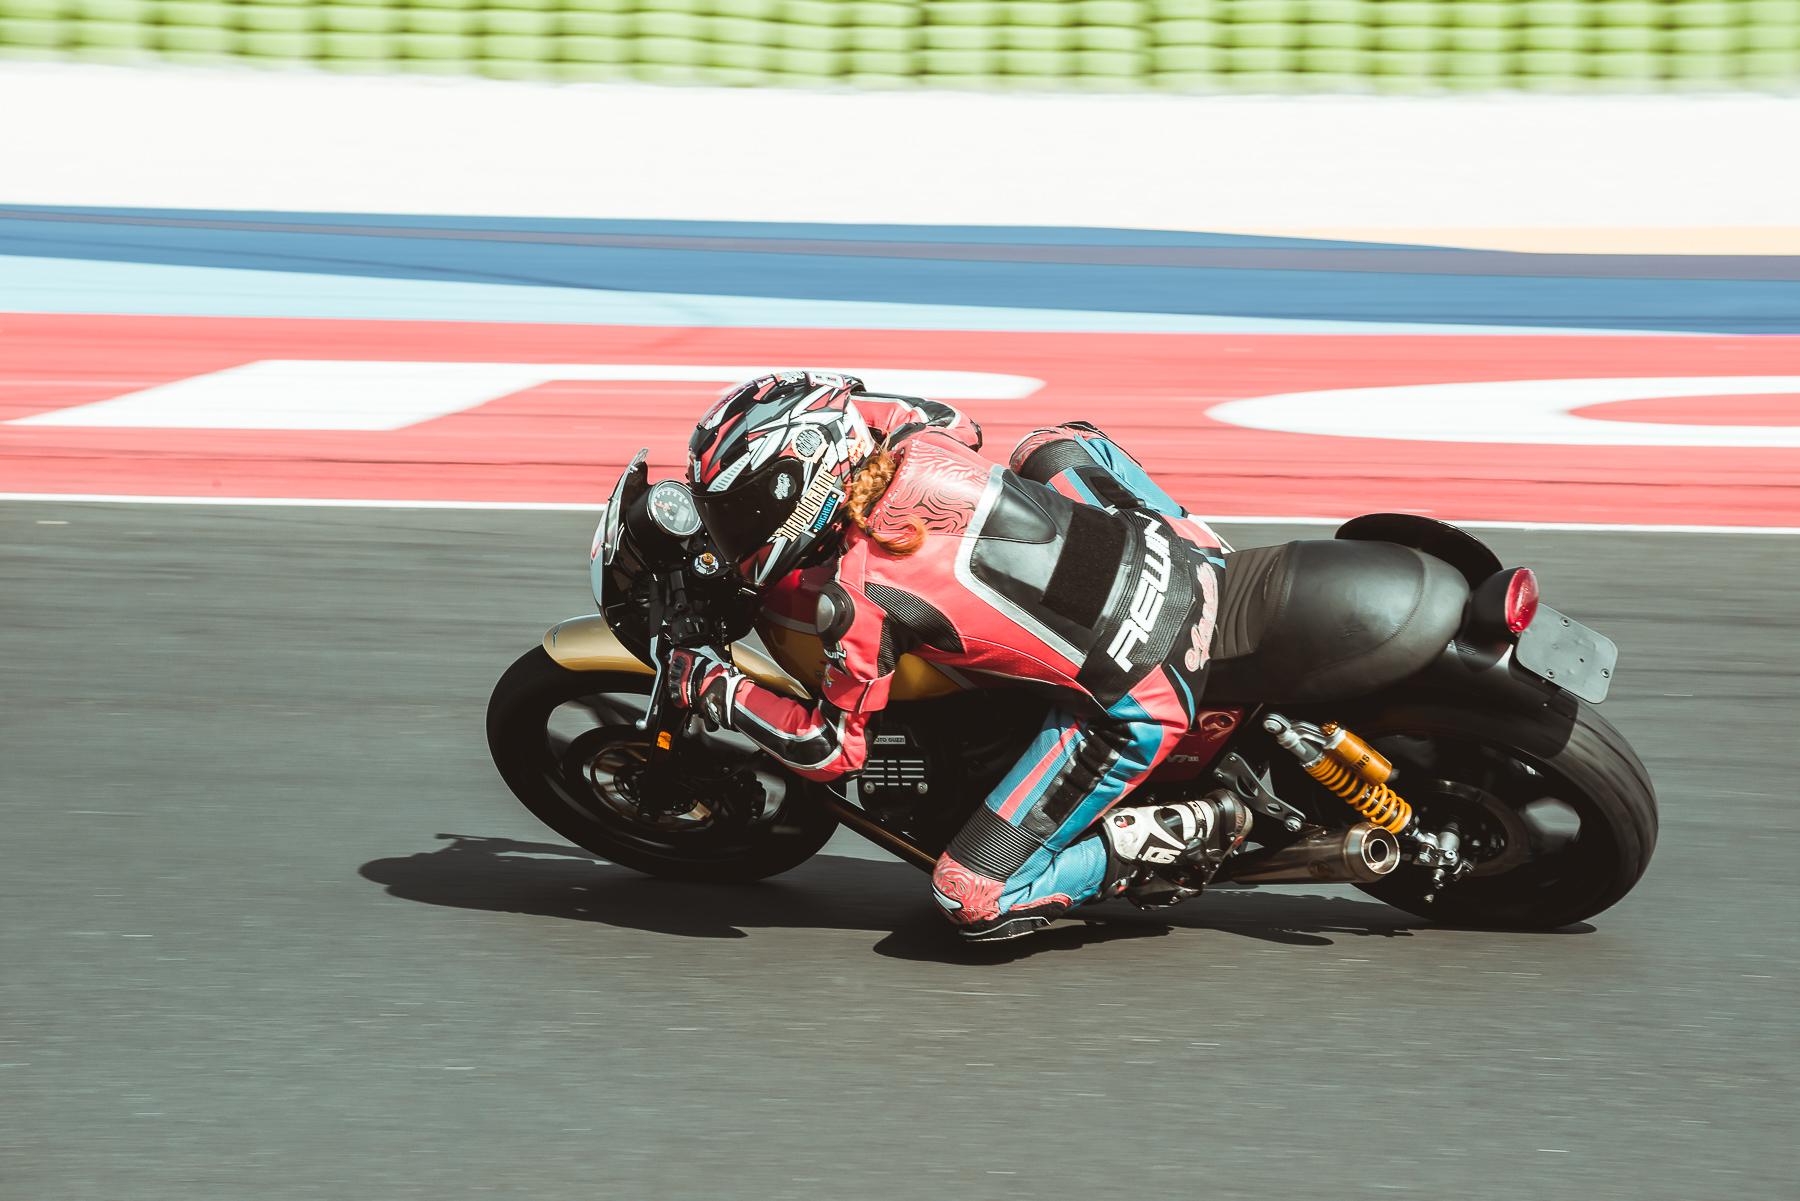 2020-Moto-Guzzi-Endurance-DAY-2-27